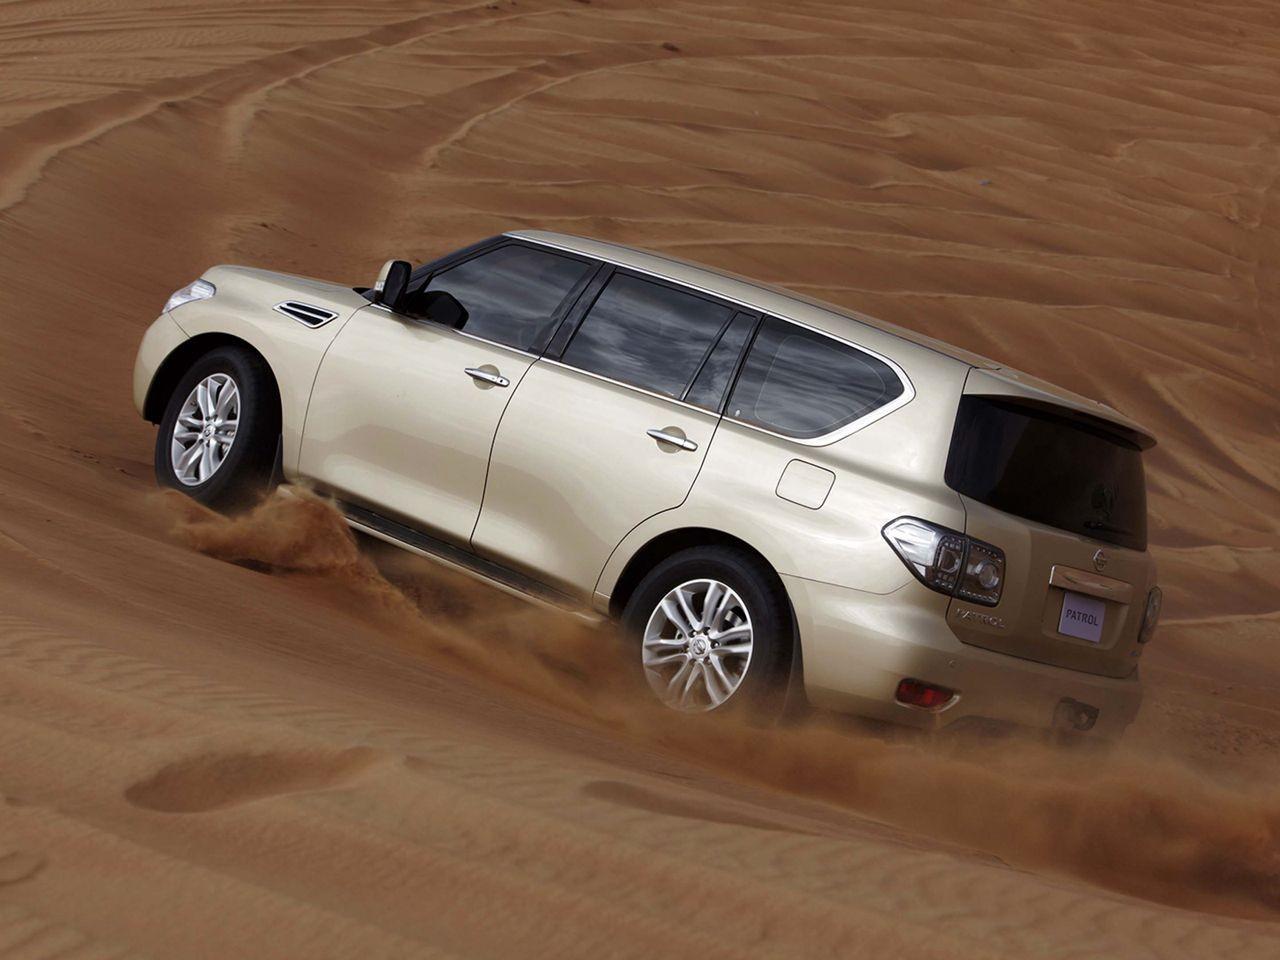 Мотор возьмет все: стоит ли покупать Nissan Patrol VI за 2,5 миллиона рублей